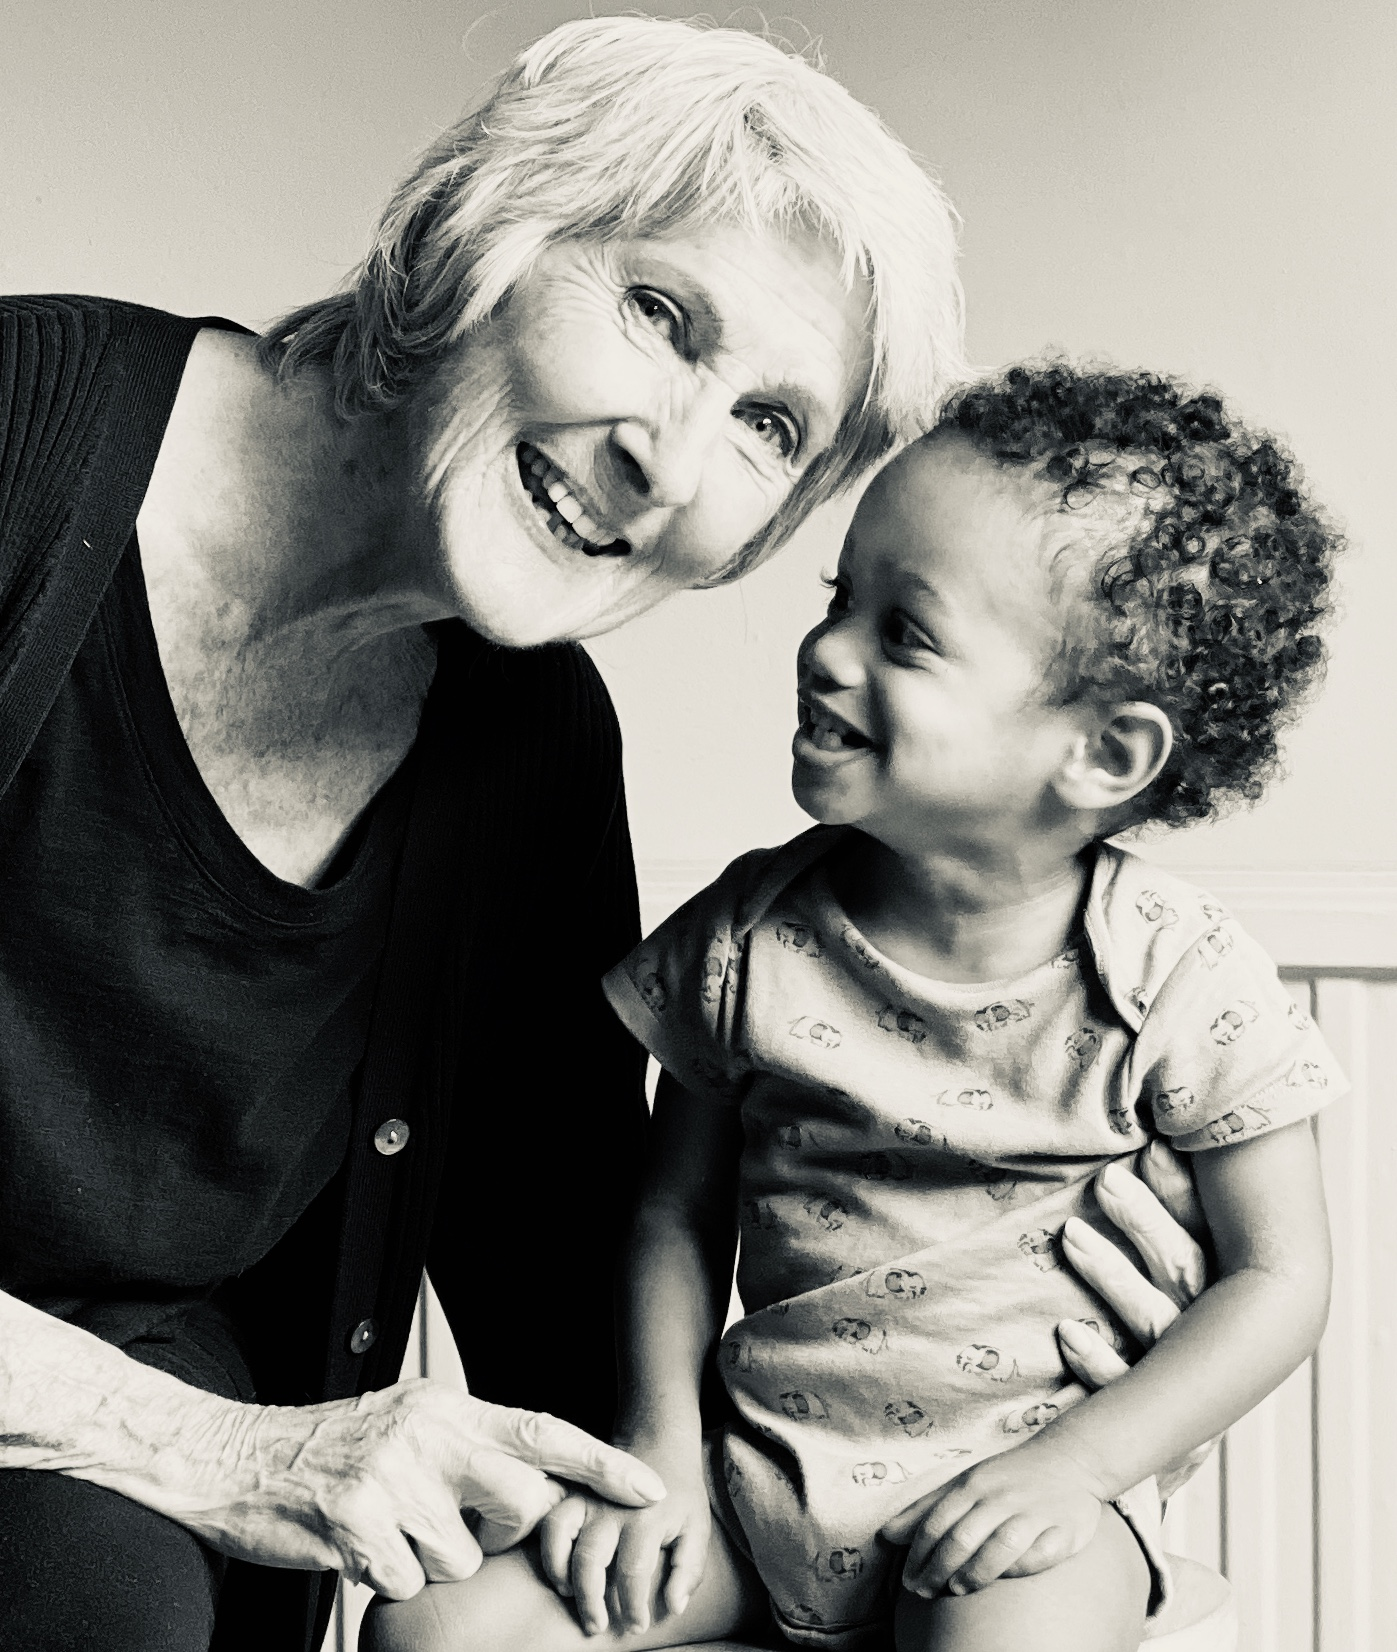 Kalani with Nanny